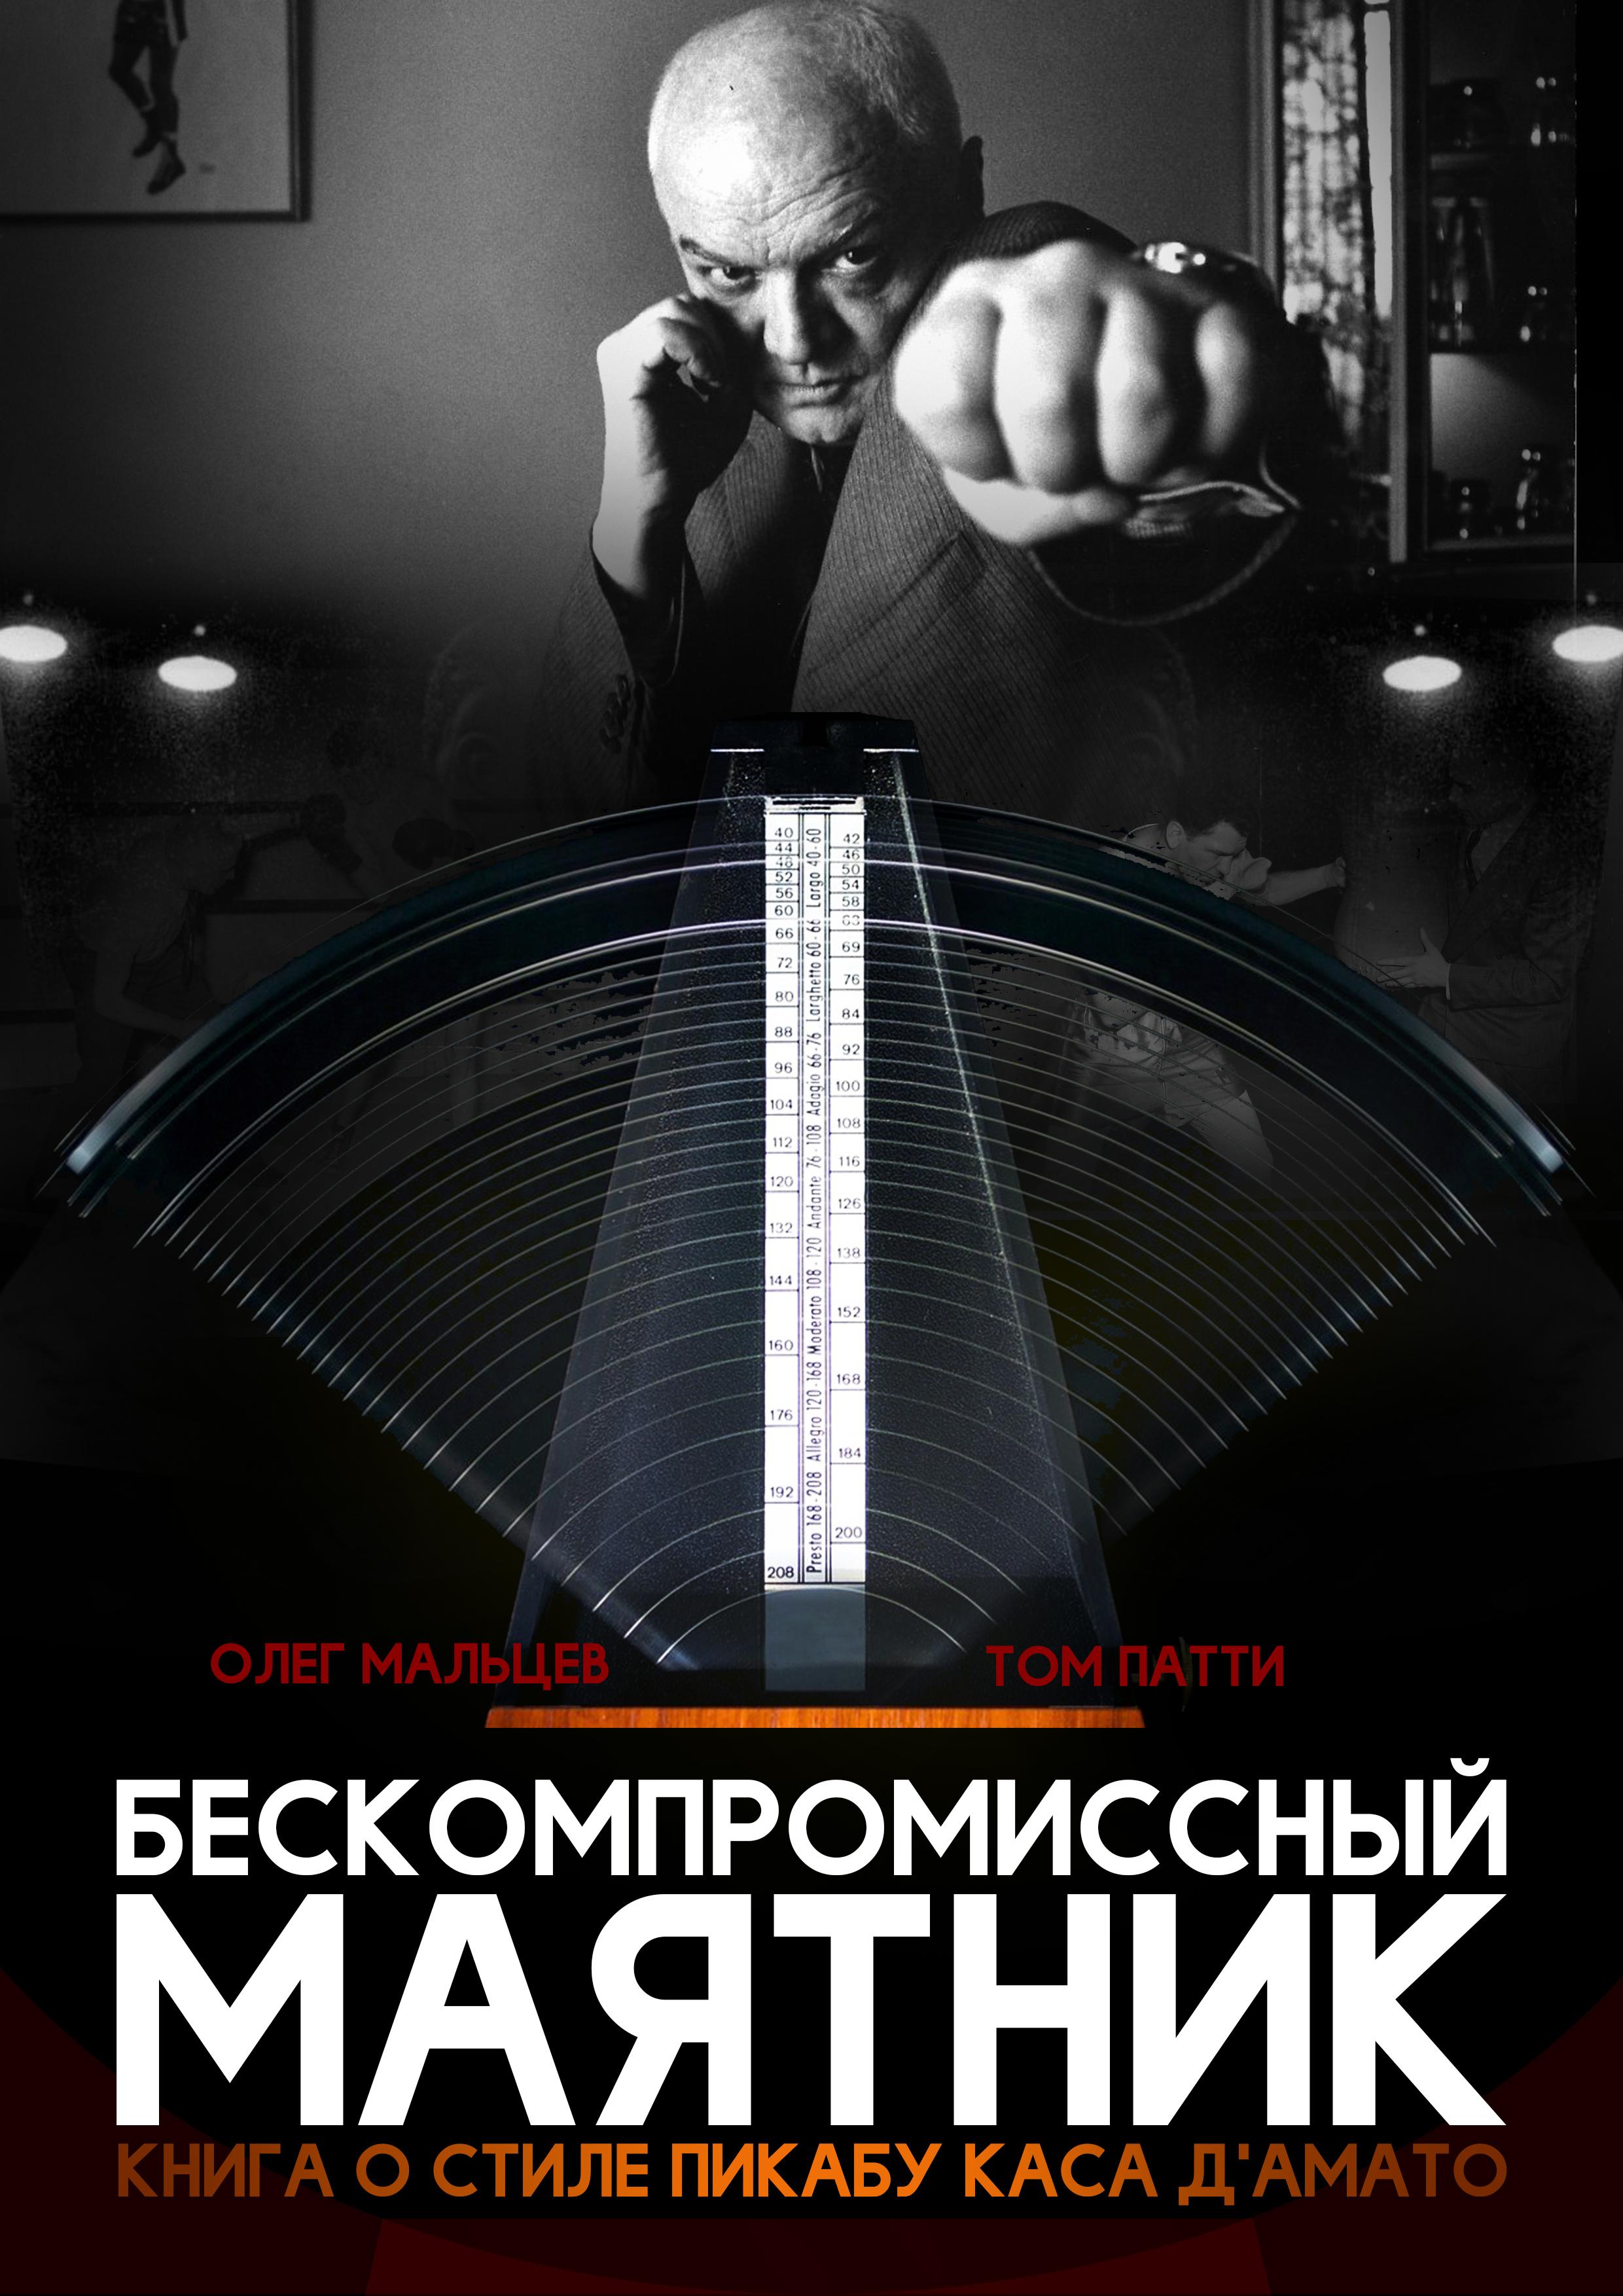 Бескомпромиссный маятник. Олег Мальцев